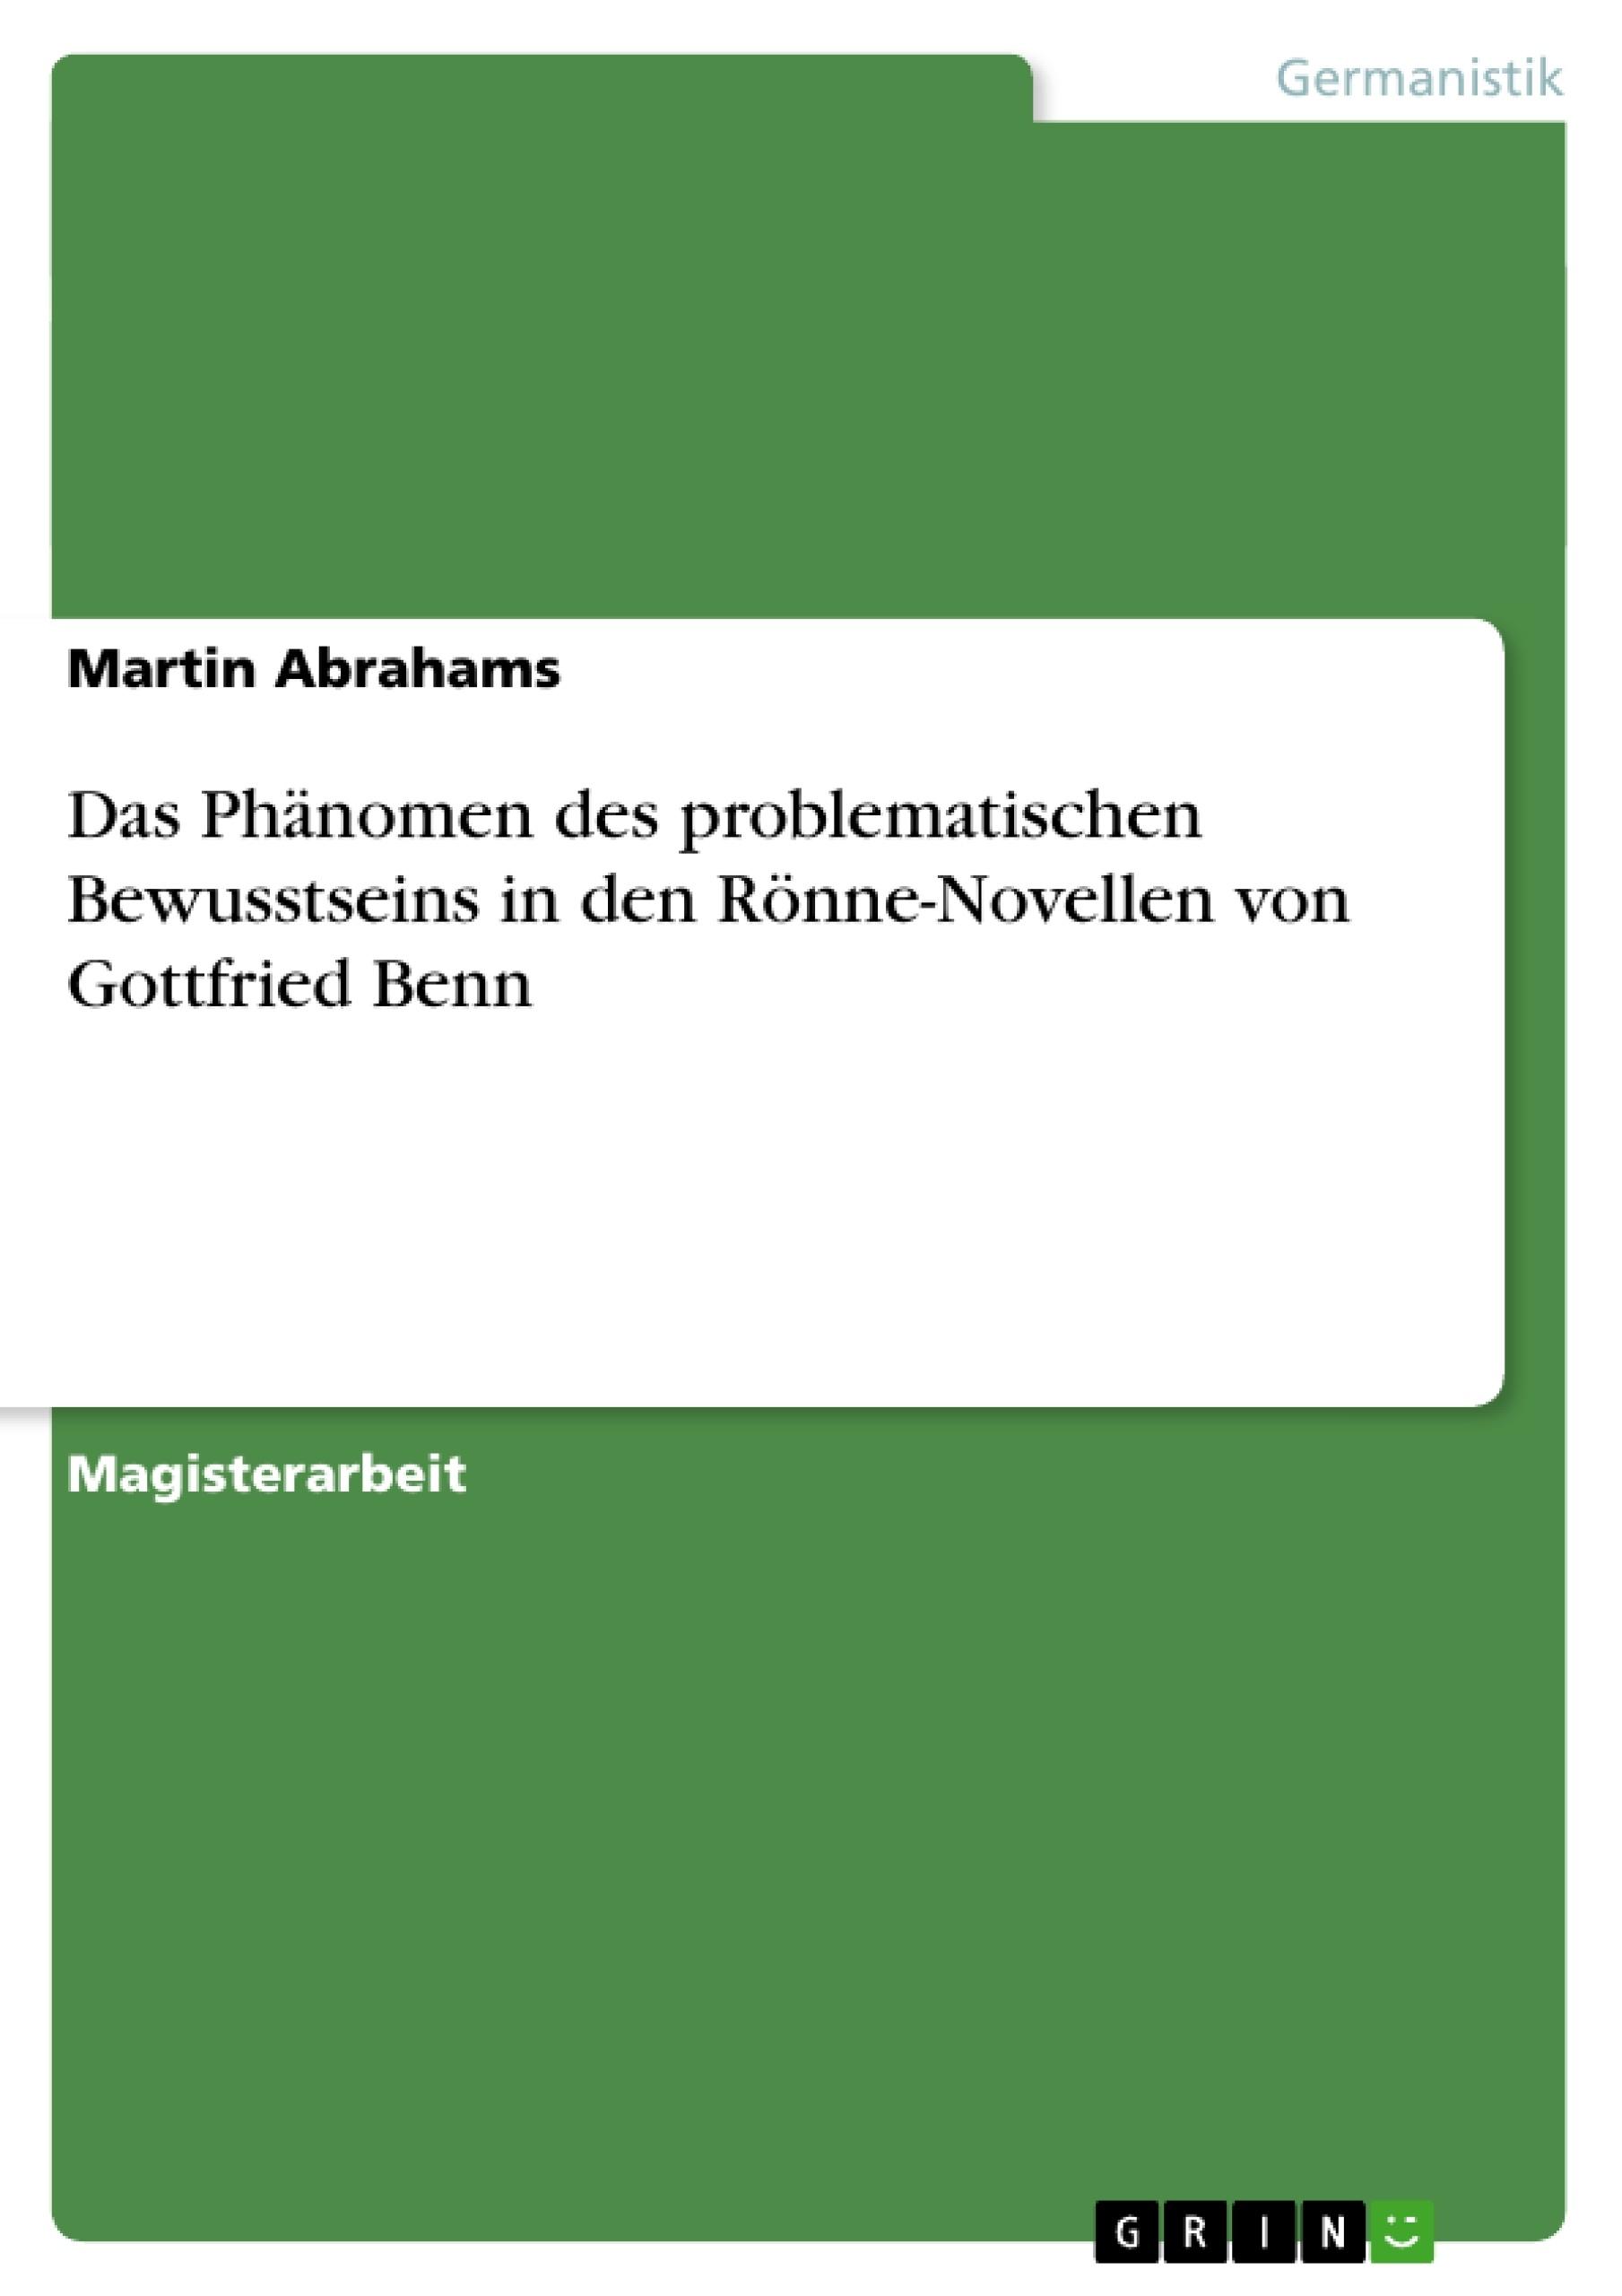 Titel: Das Phänomen des problematischen Bewusstseins in den Rönne-Novellen von Gottfried Benn